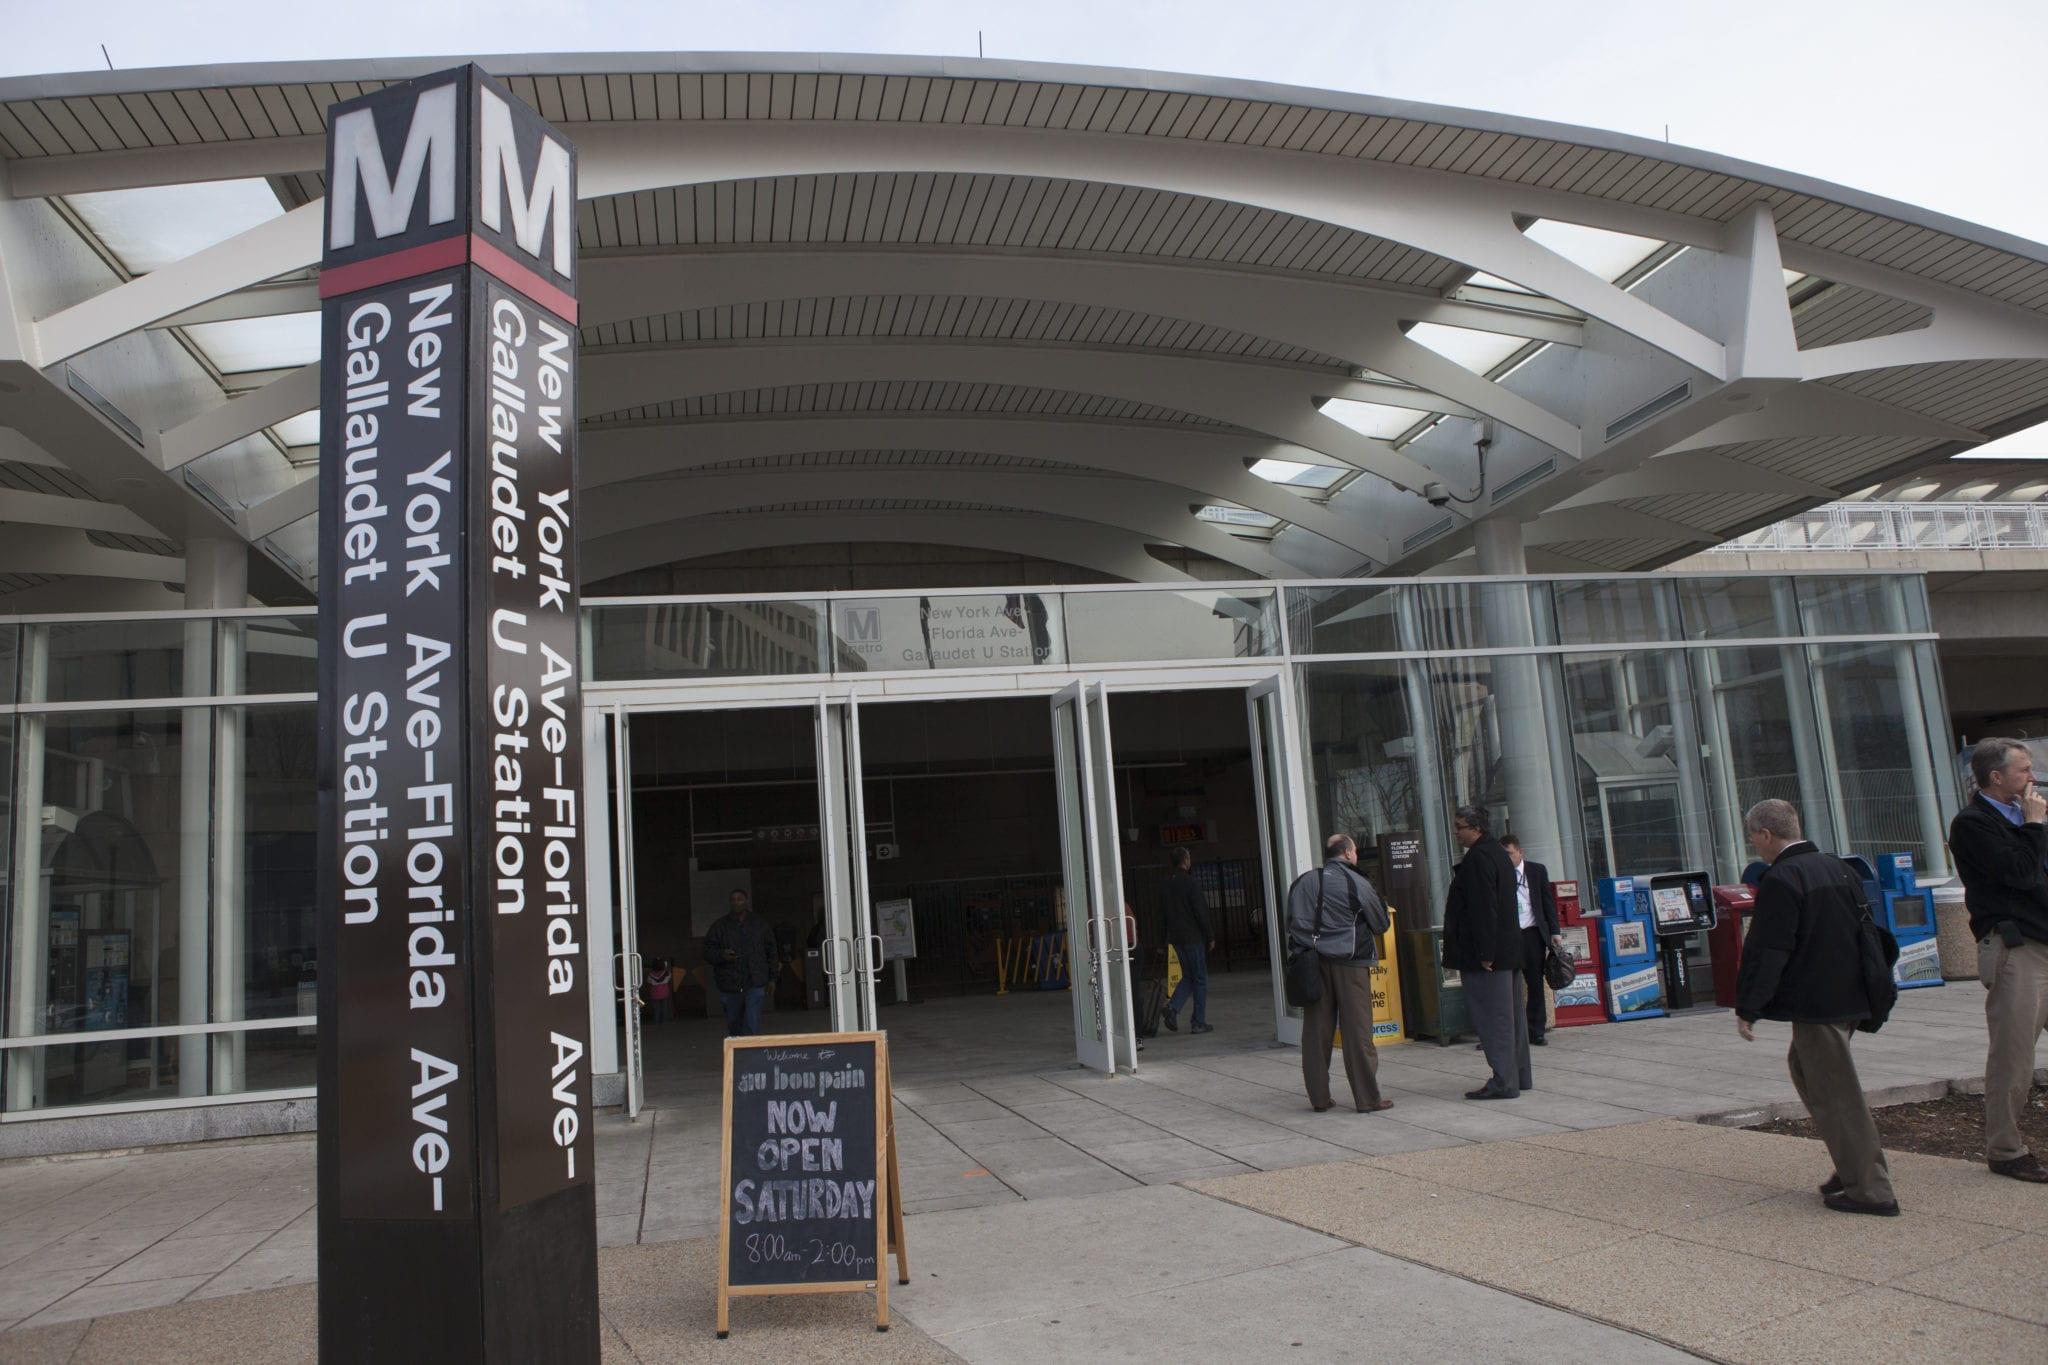 NoMa/Gallaudet Metro Station